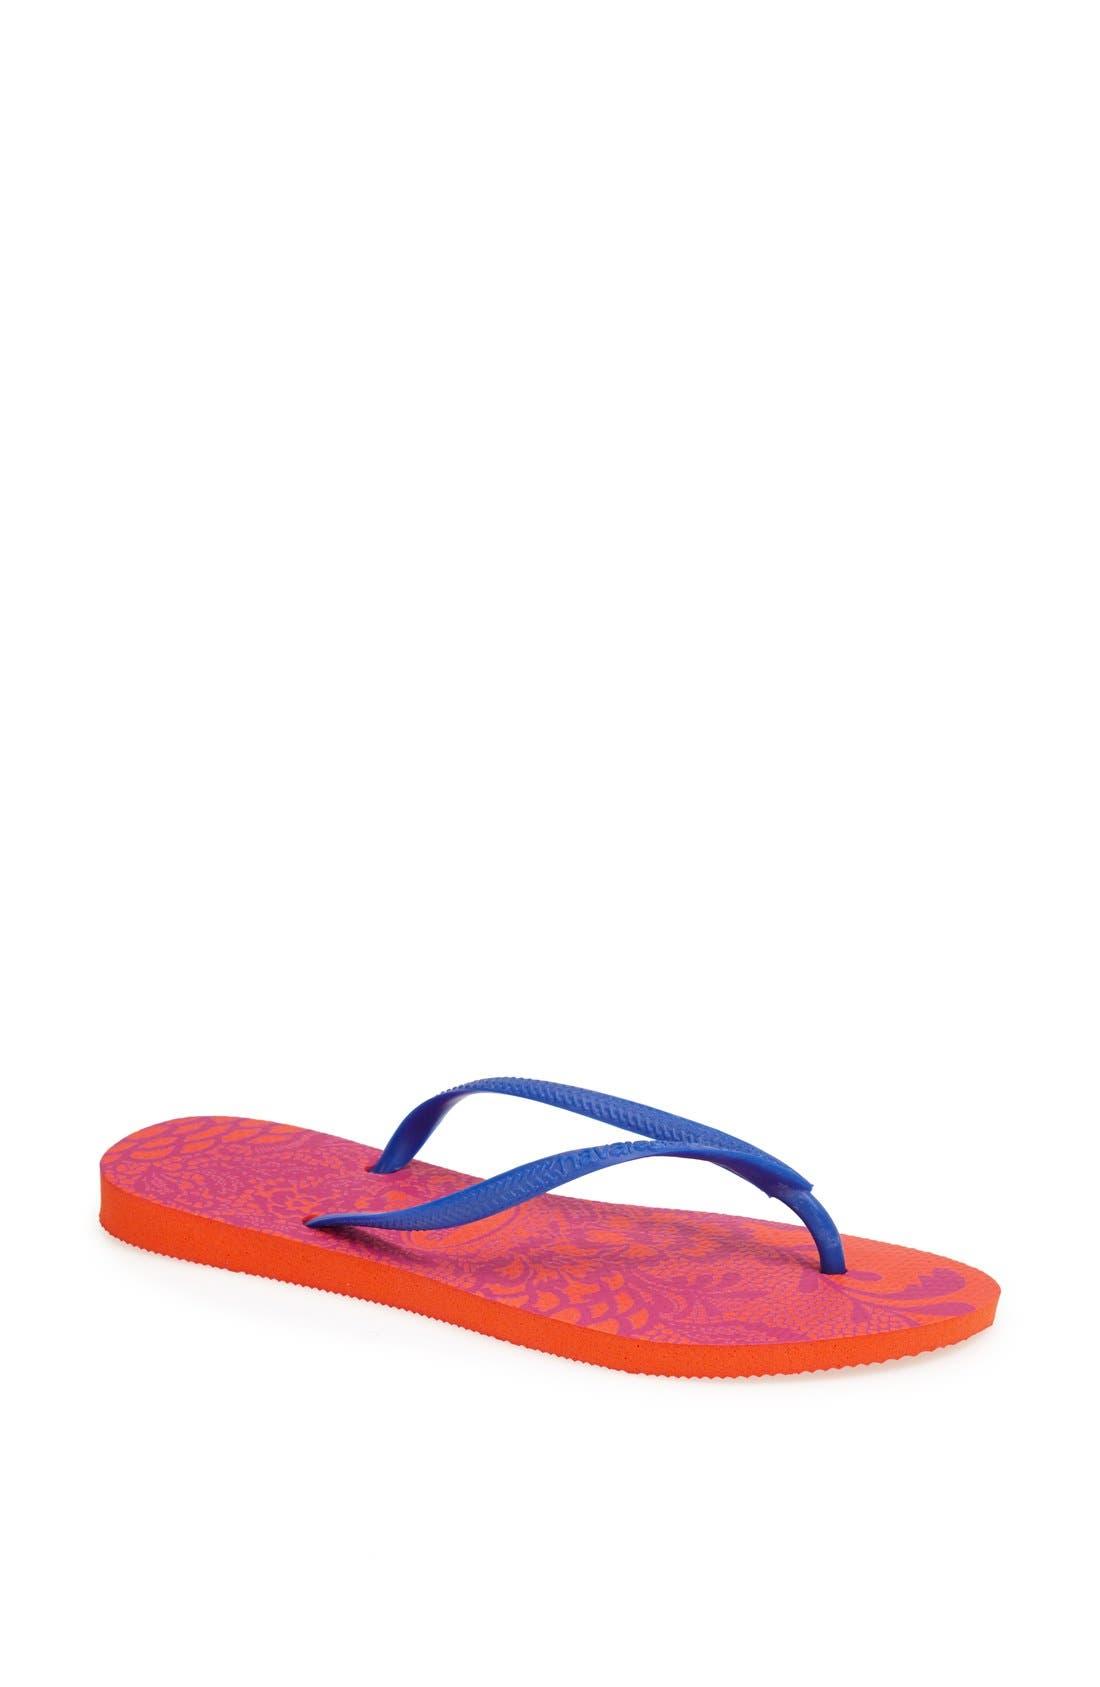 Main Image - Havaianas 'Slim Lace' Flip Flop (Women)